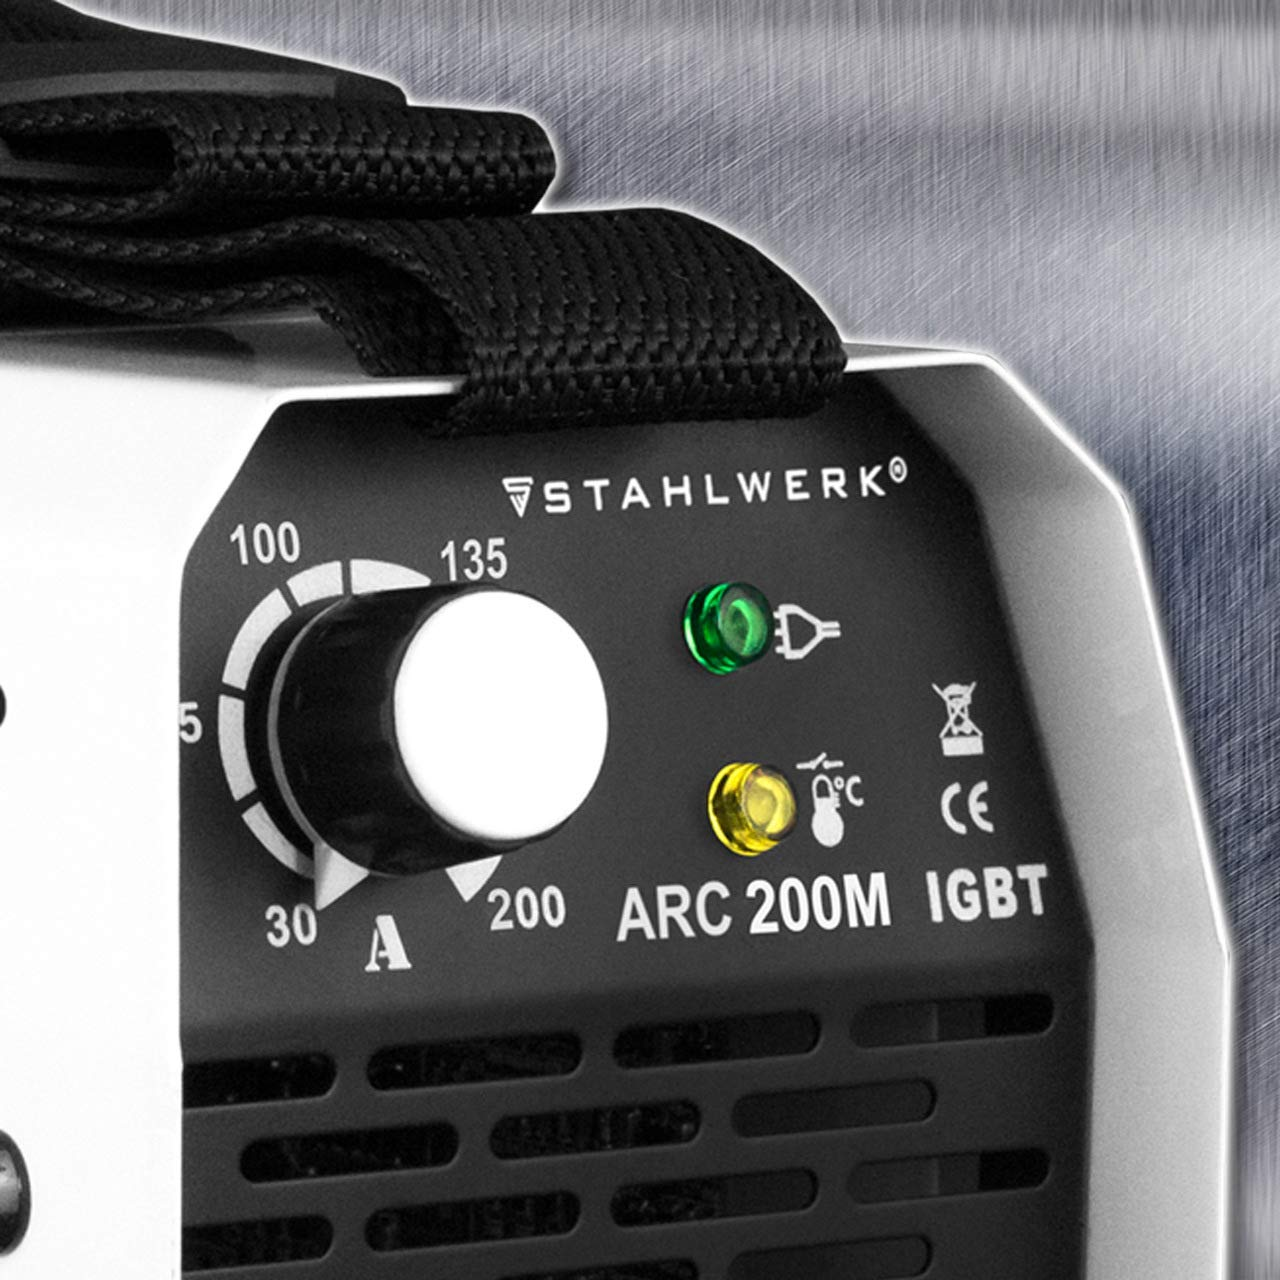 Arc de acero 200 m IGBT - sudor dispositivo DC MMA/S de mano Welder con 200 amperios Reales muy compacto, color blanco, 5 años de garantía del fabricante: ...